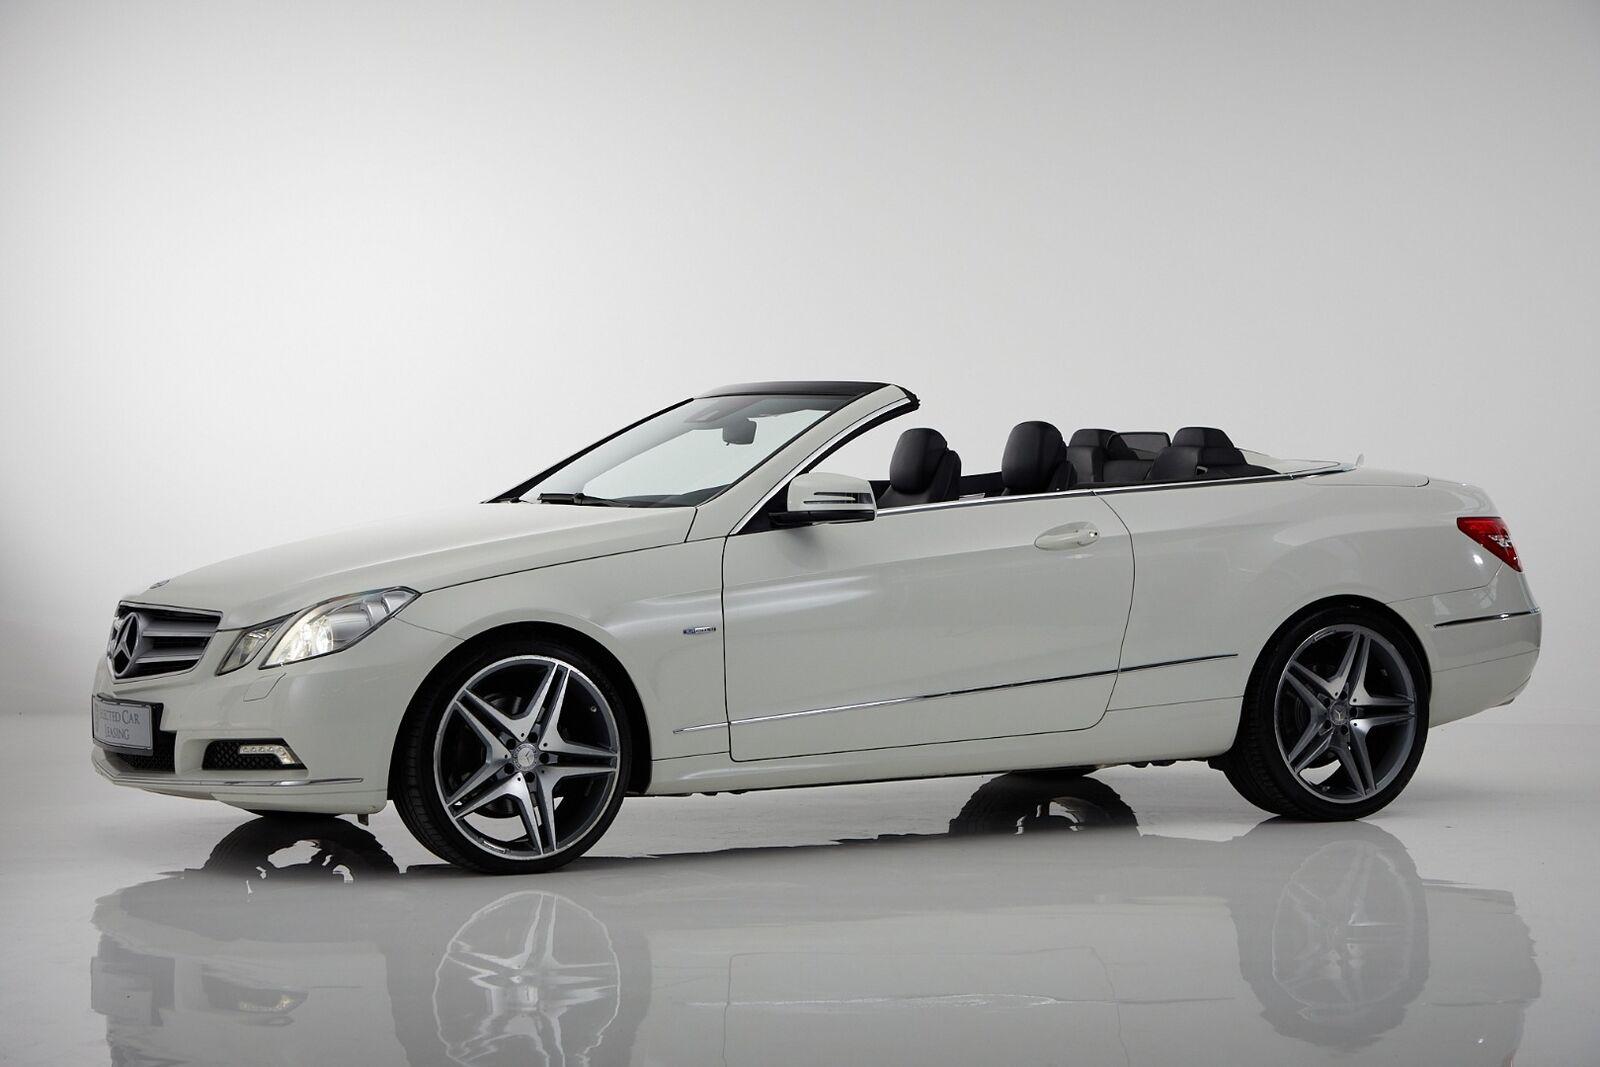 Mercedes E350 3,0 CDi Avantgarde Cab. aut. BE 2d